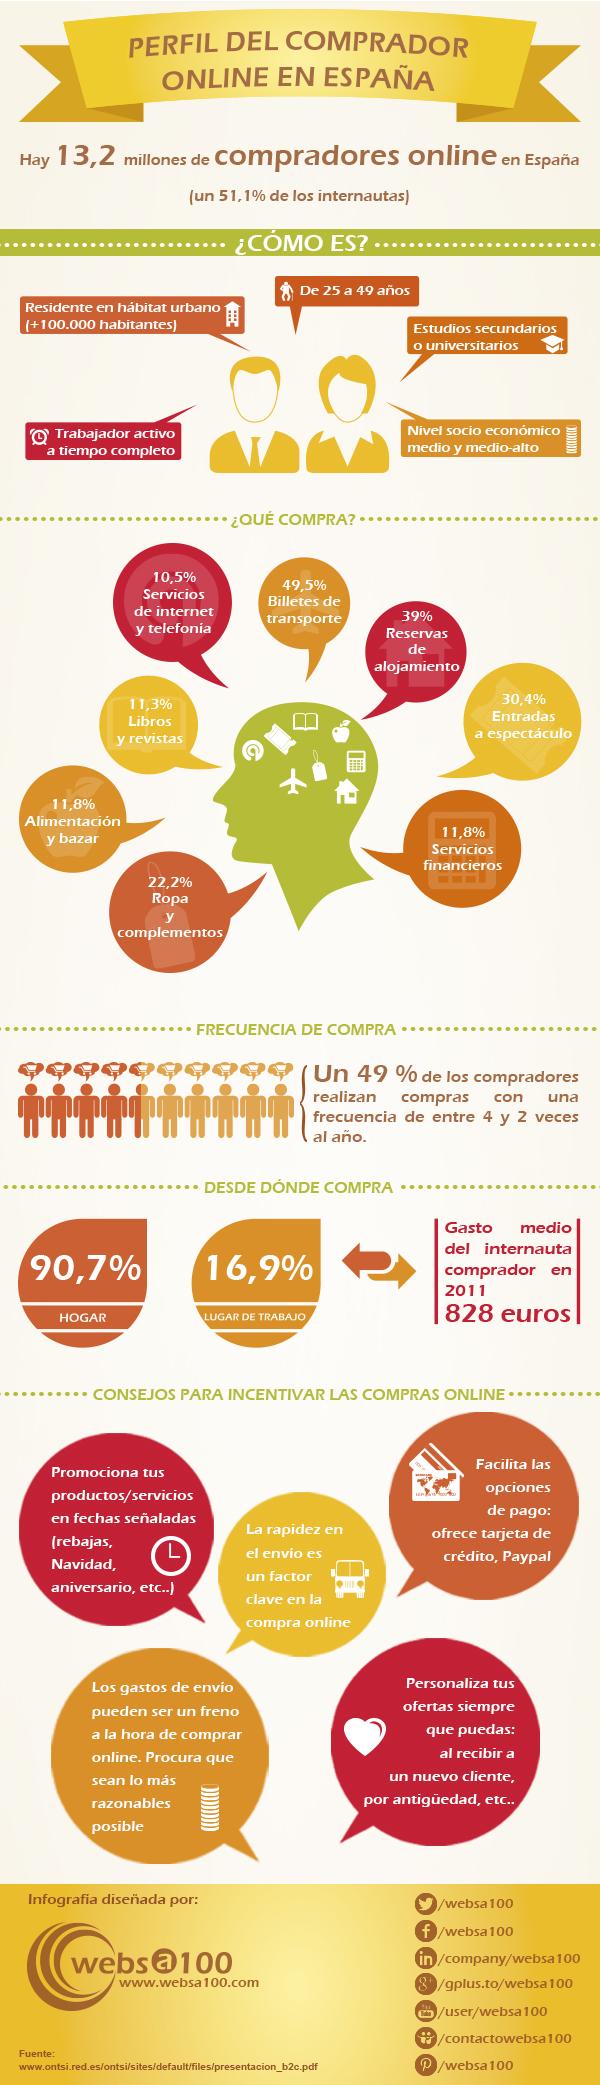 Perfil del Comprador Onine en España en 2011